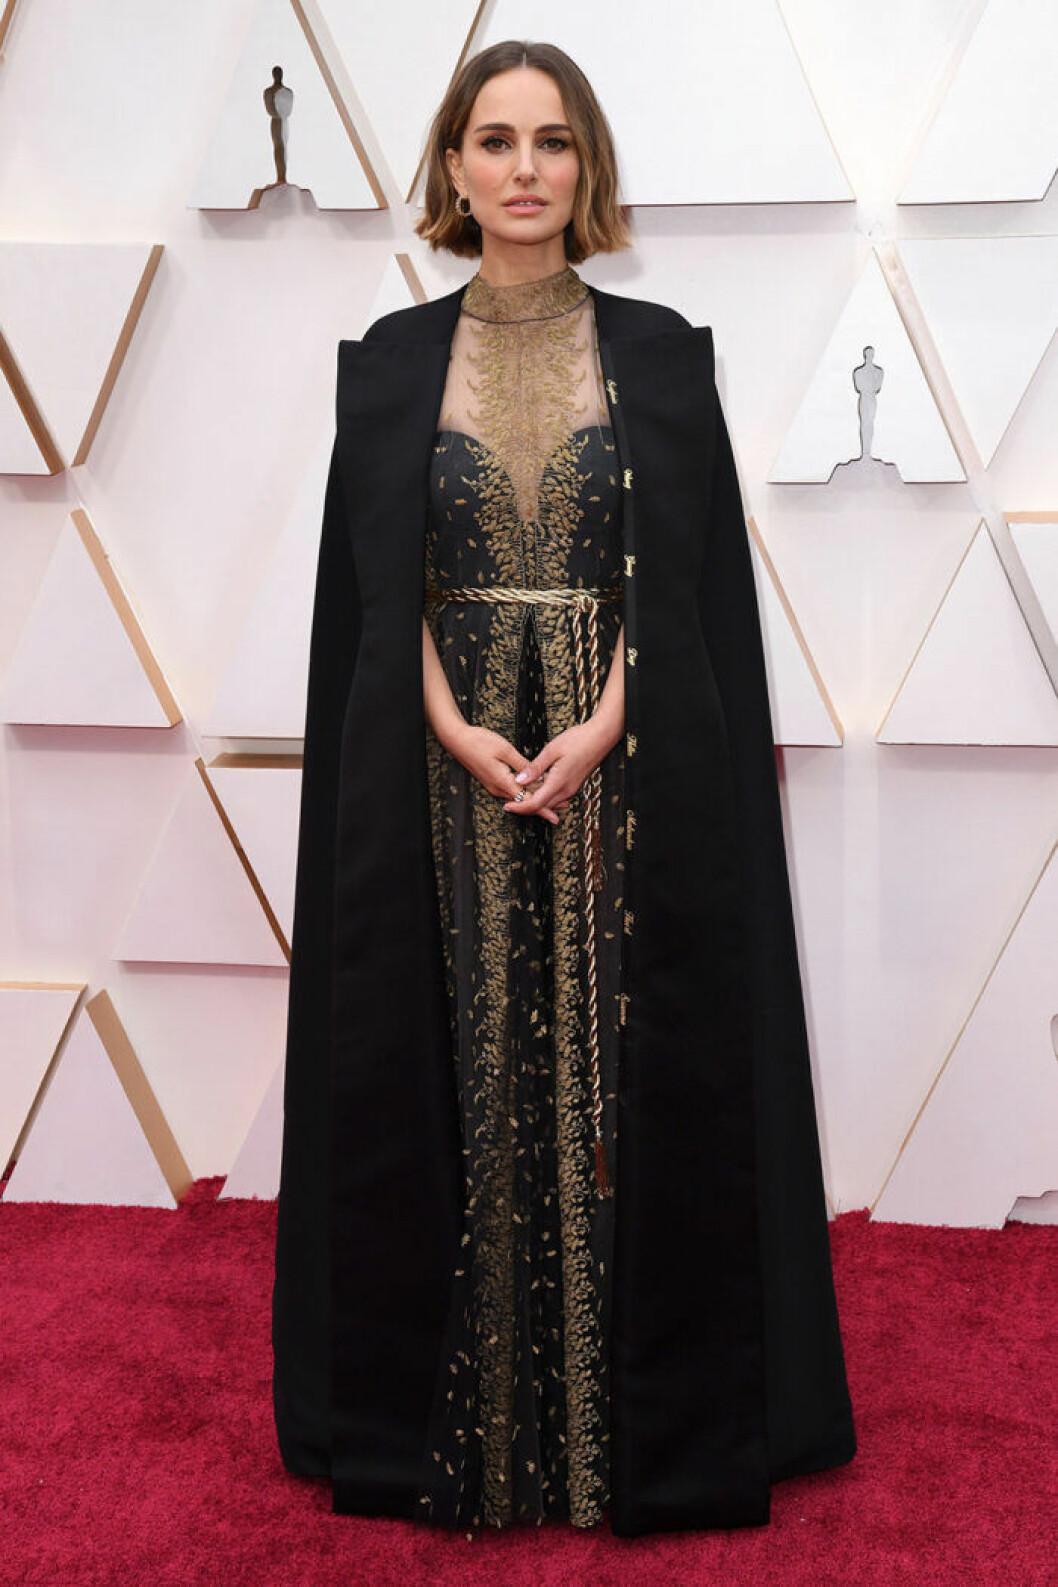 En bild på skådespelerskan Natalie Portman under nattens Oscarsgala 2020.